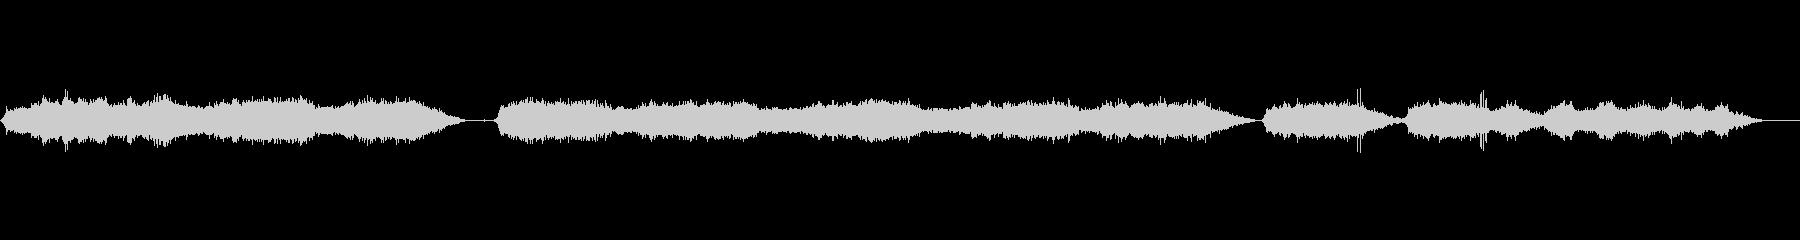 穴あけ、ハンドドリル、ハンドドリルの未再生の波形